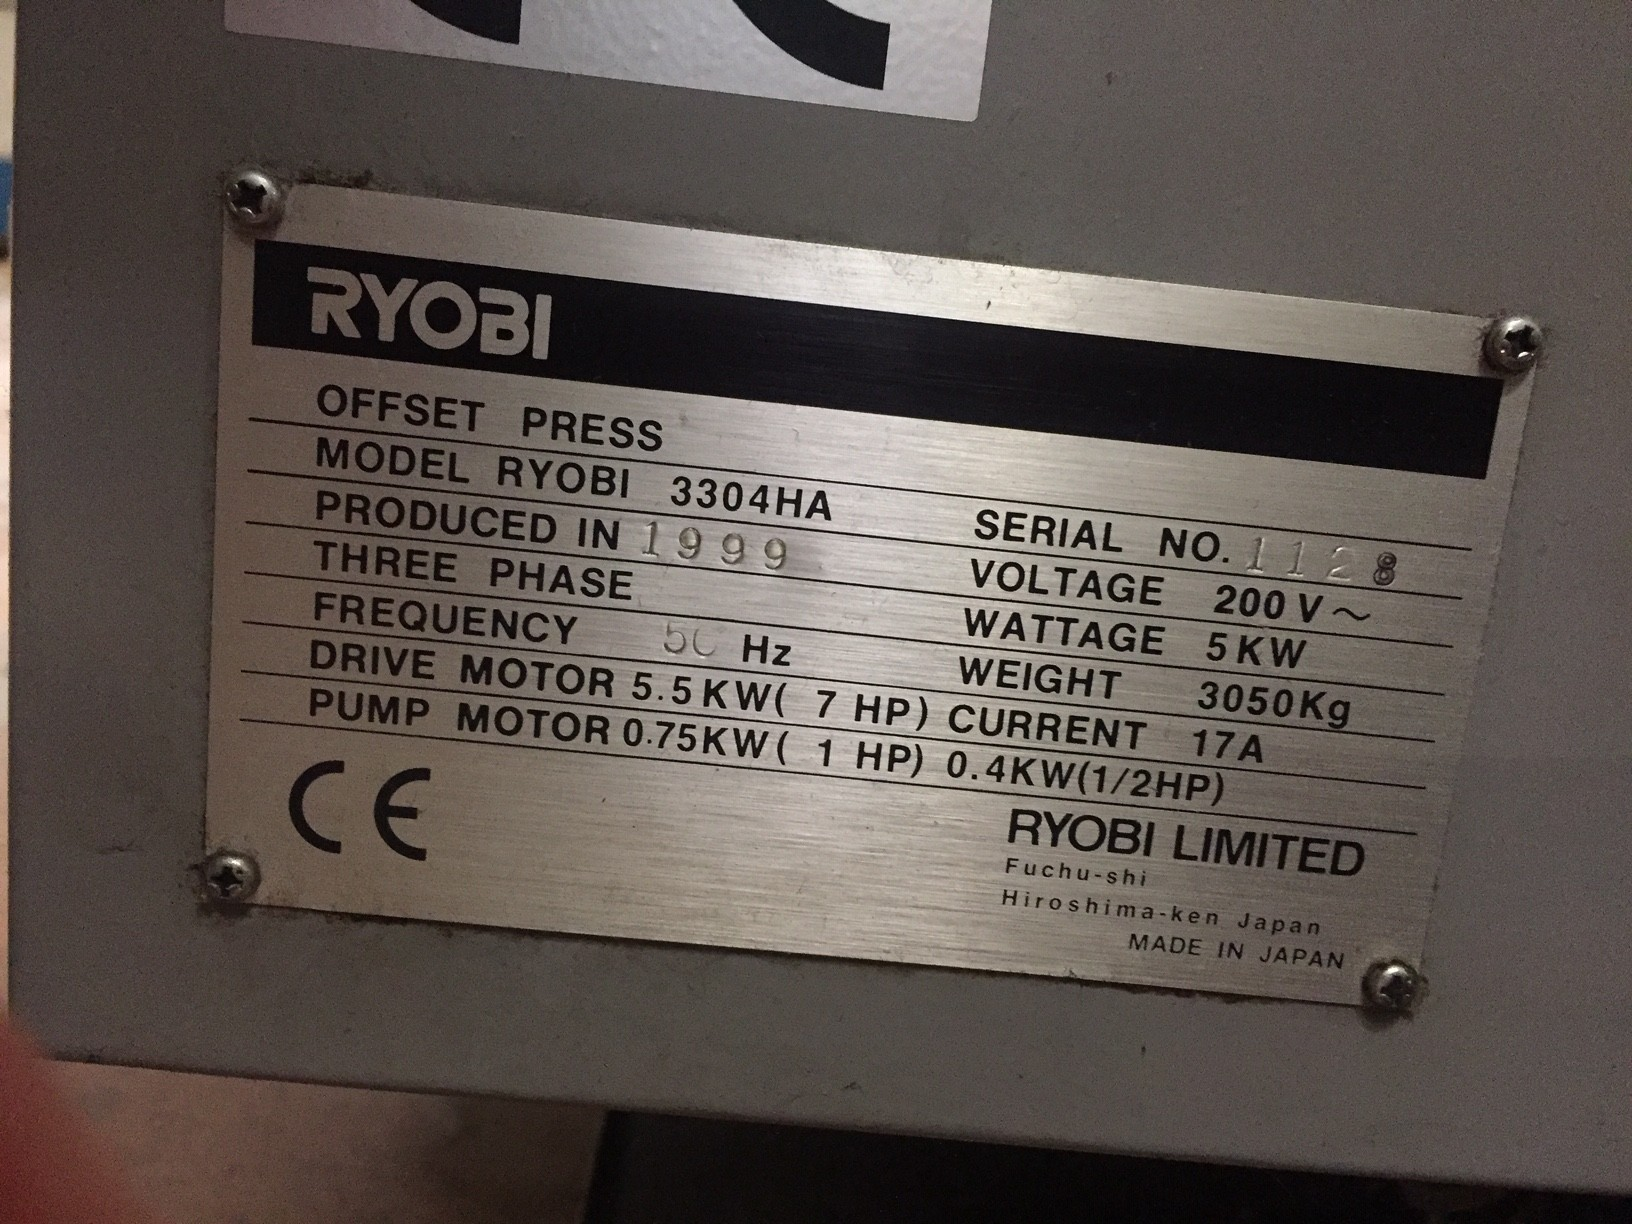 RYOBI 3304 HA